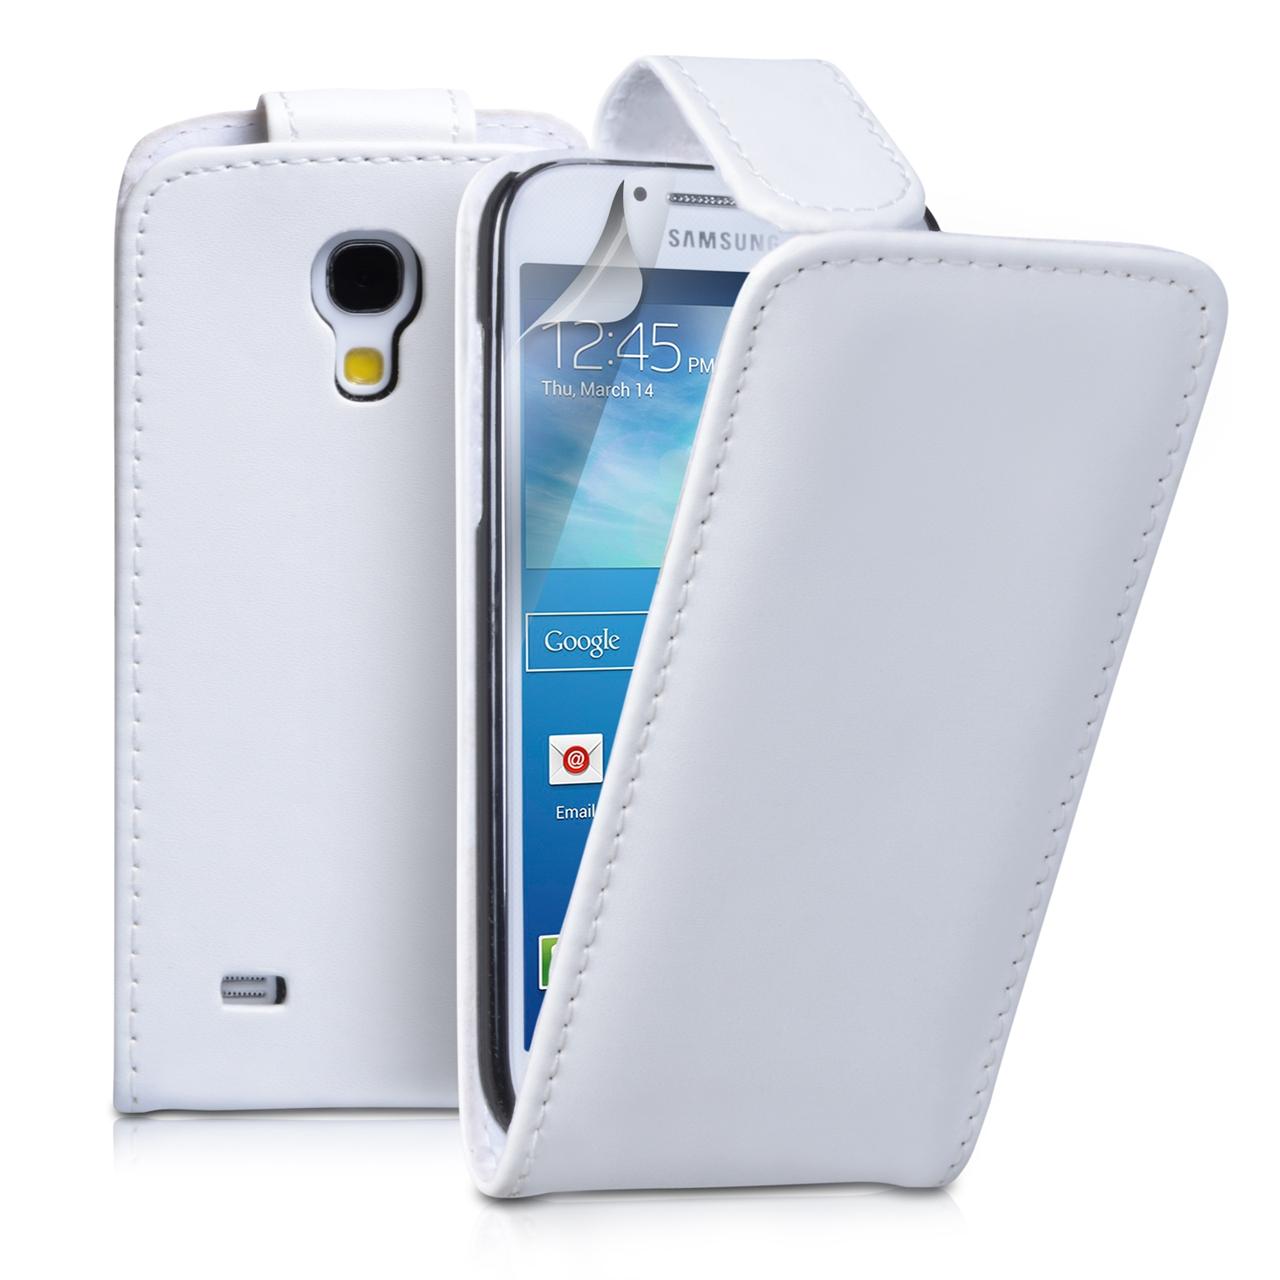 Coque personnalisée Galaxy S5 à rabat avec photo et texte